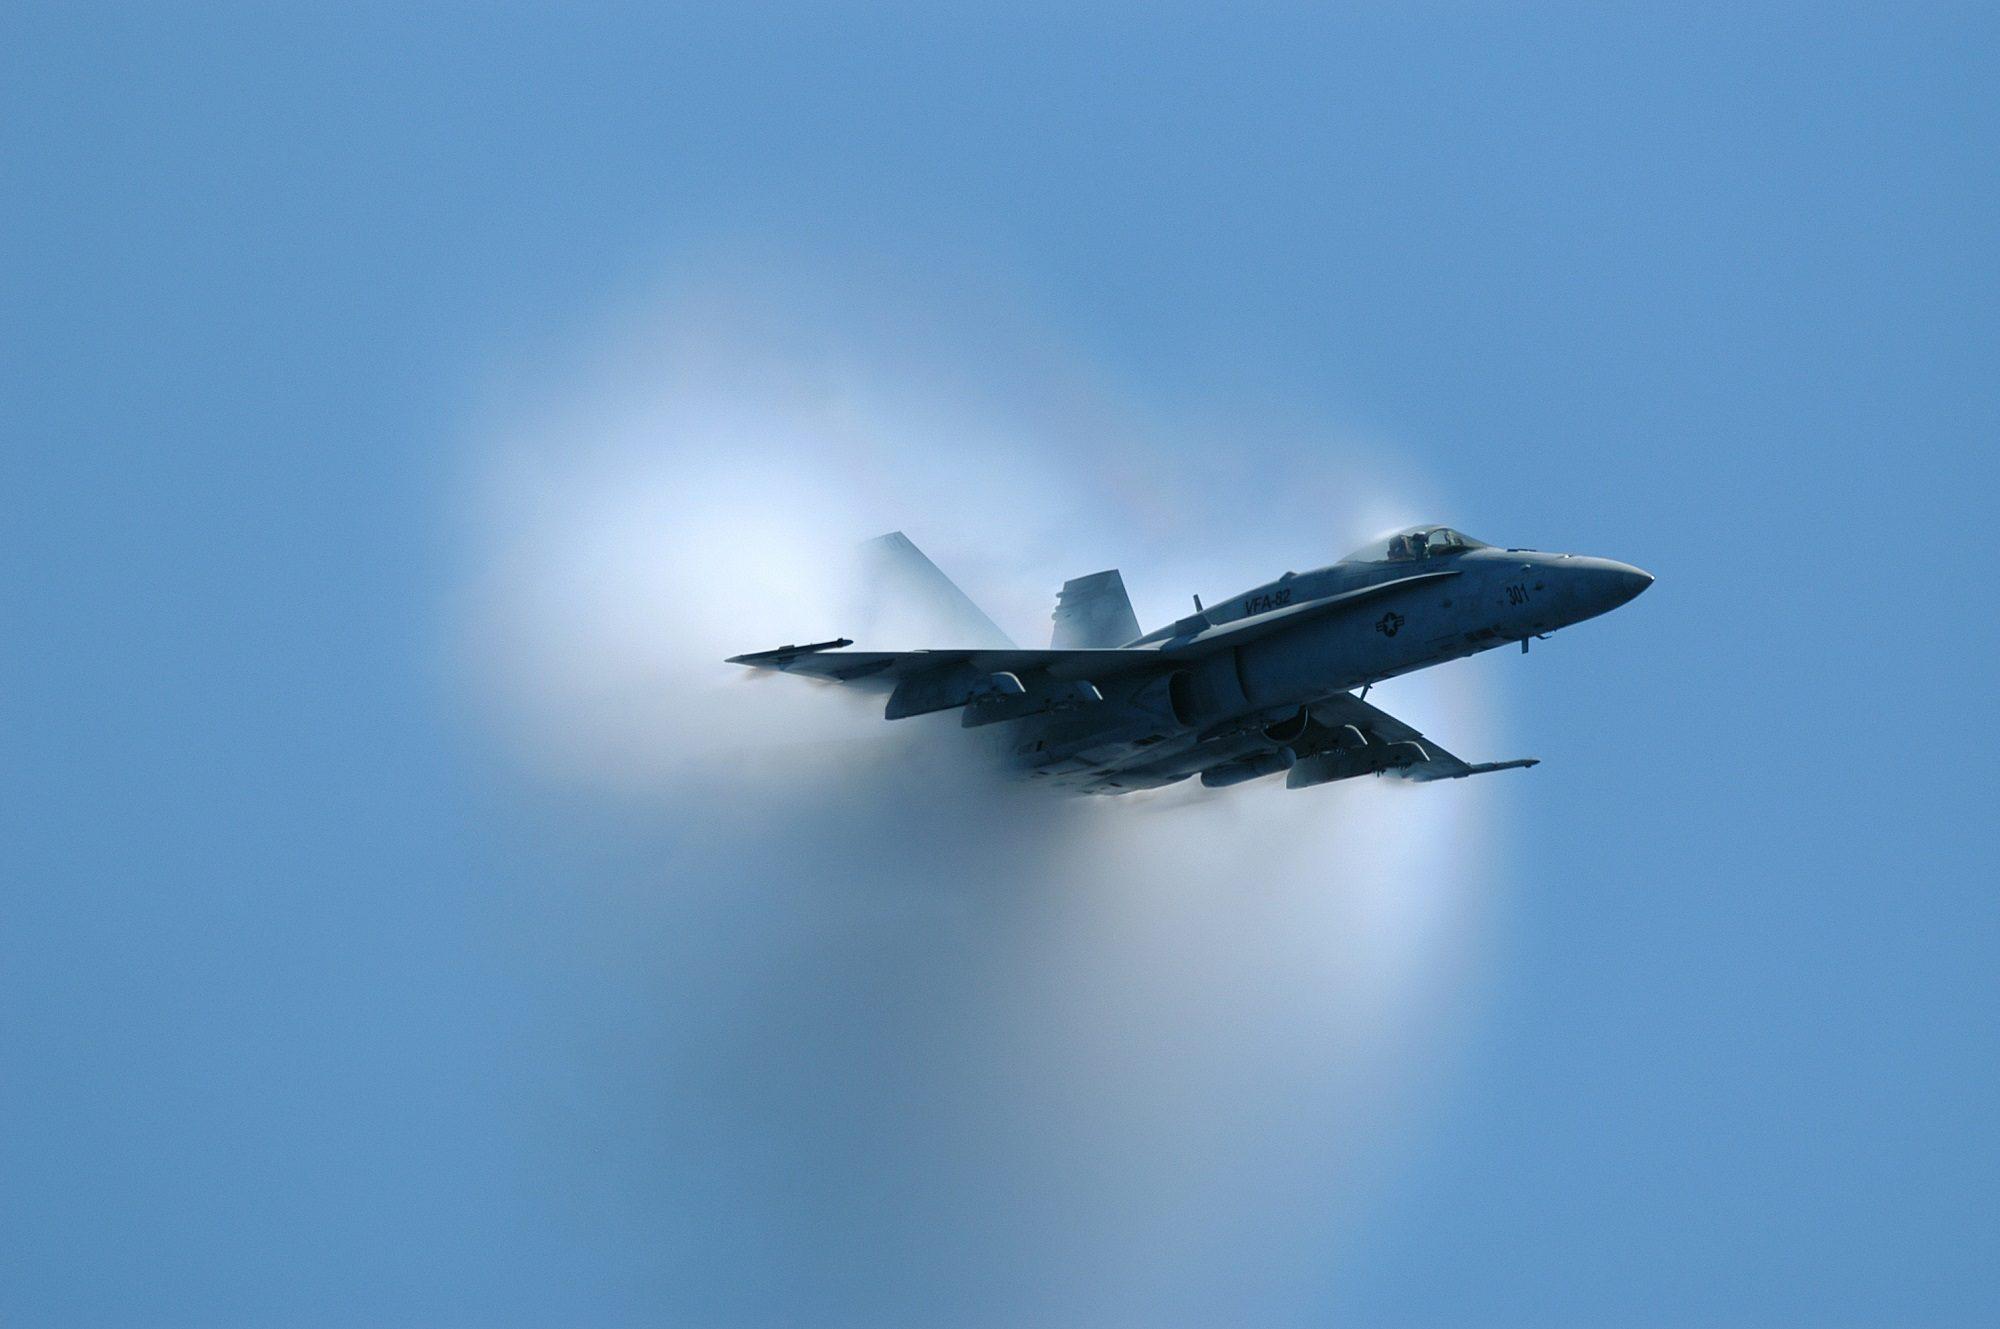 avion, barrière, son, Vitesse, explosion - Fonds d'écran HD - Professor-falken.com